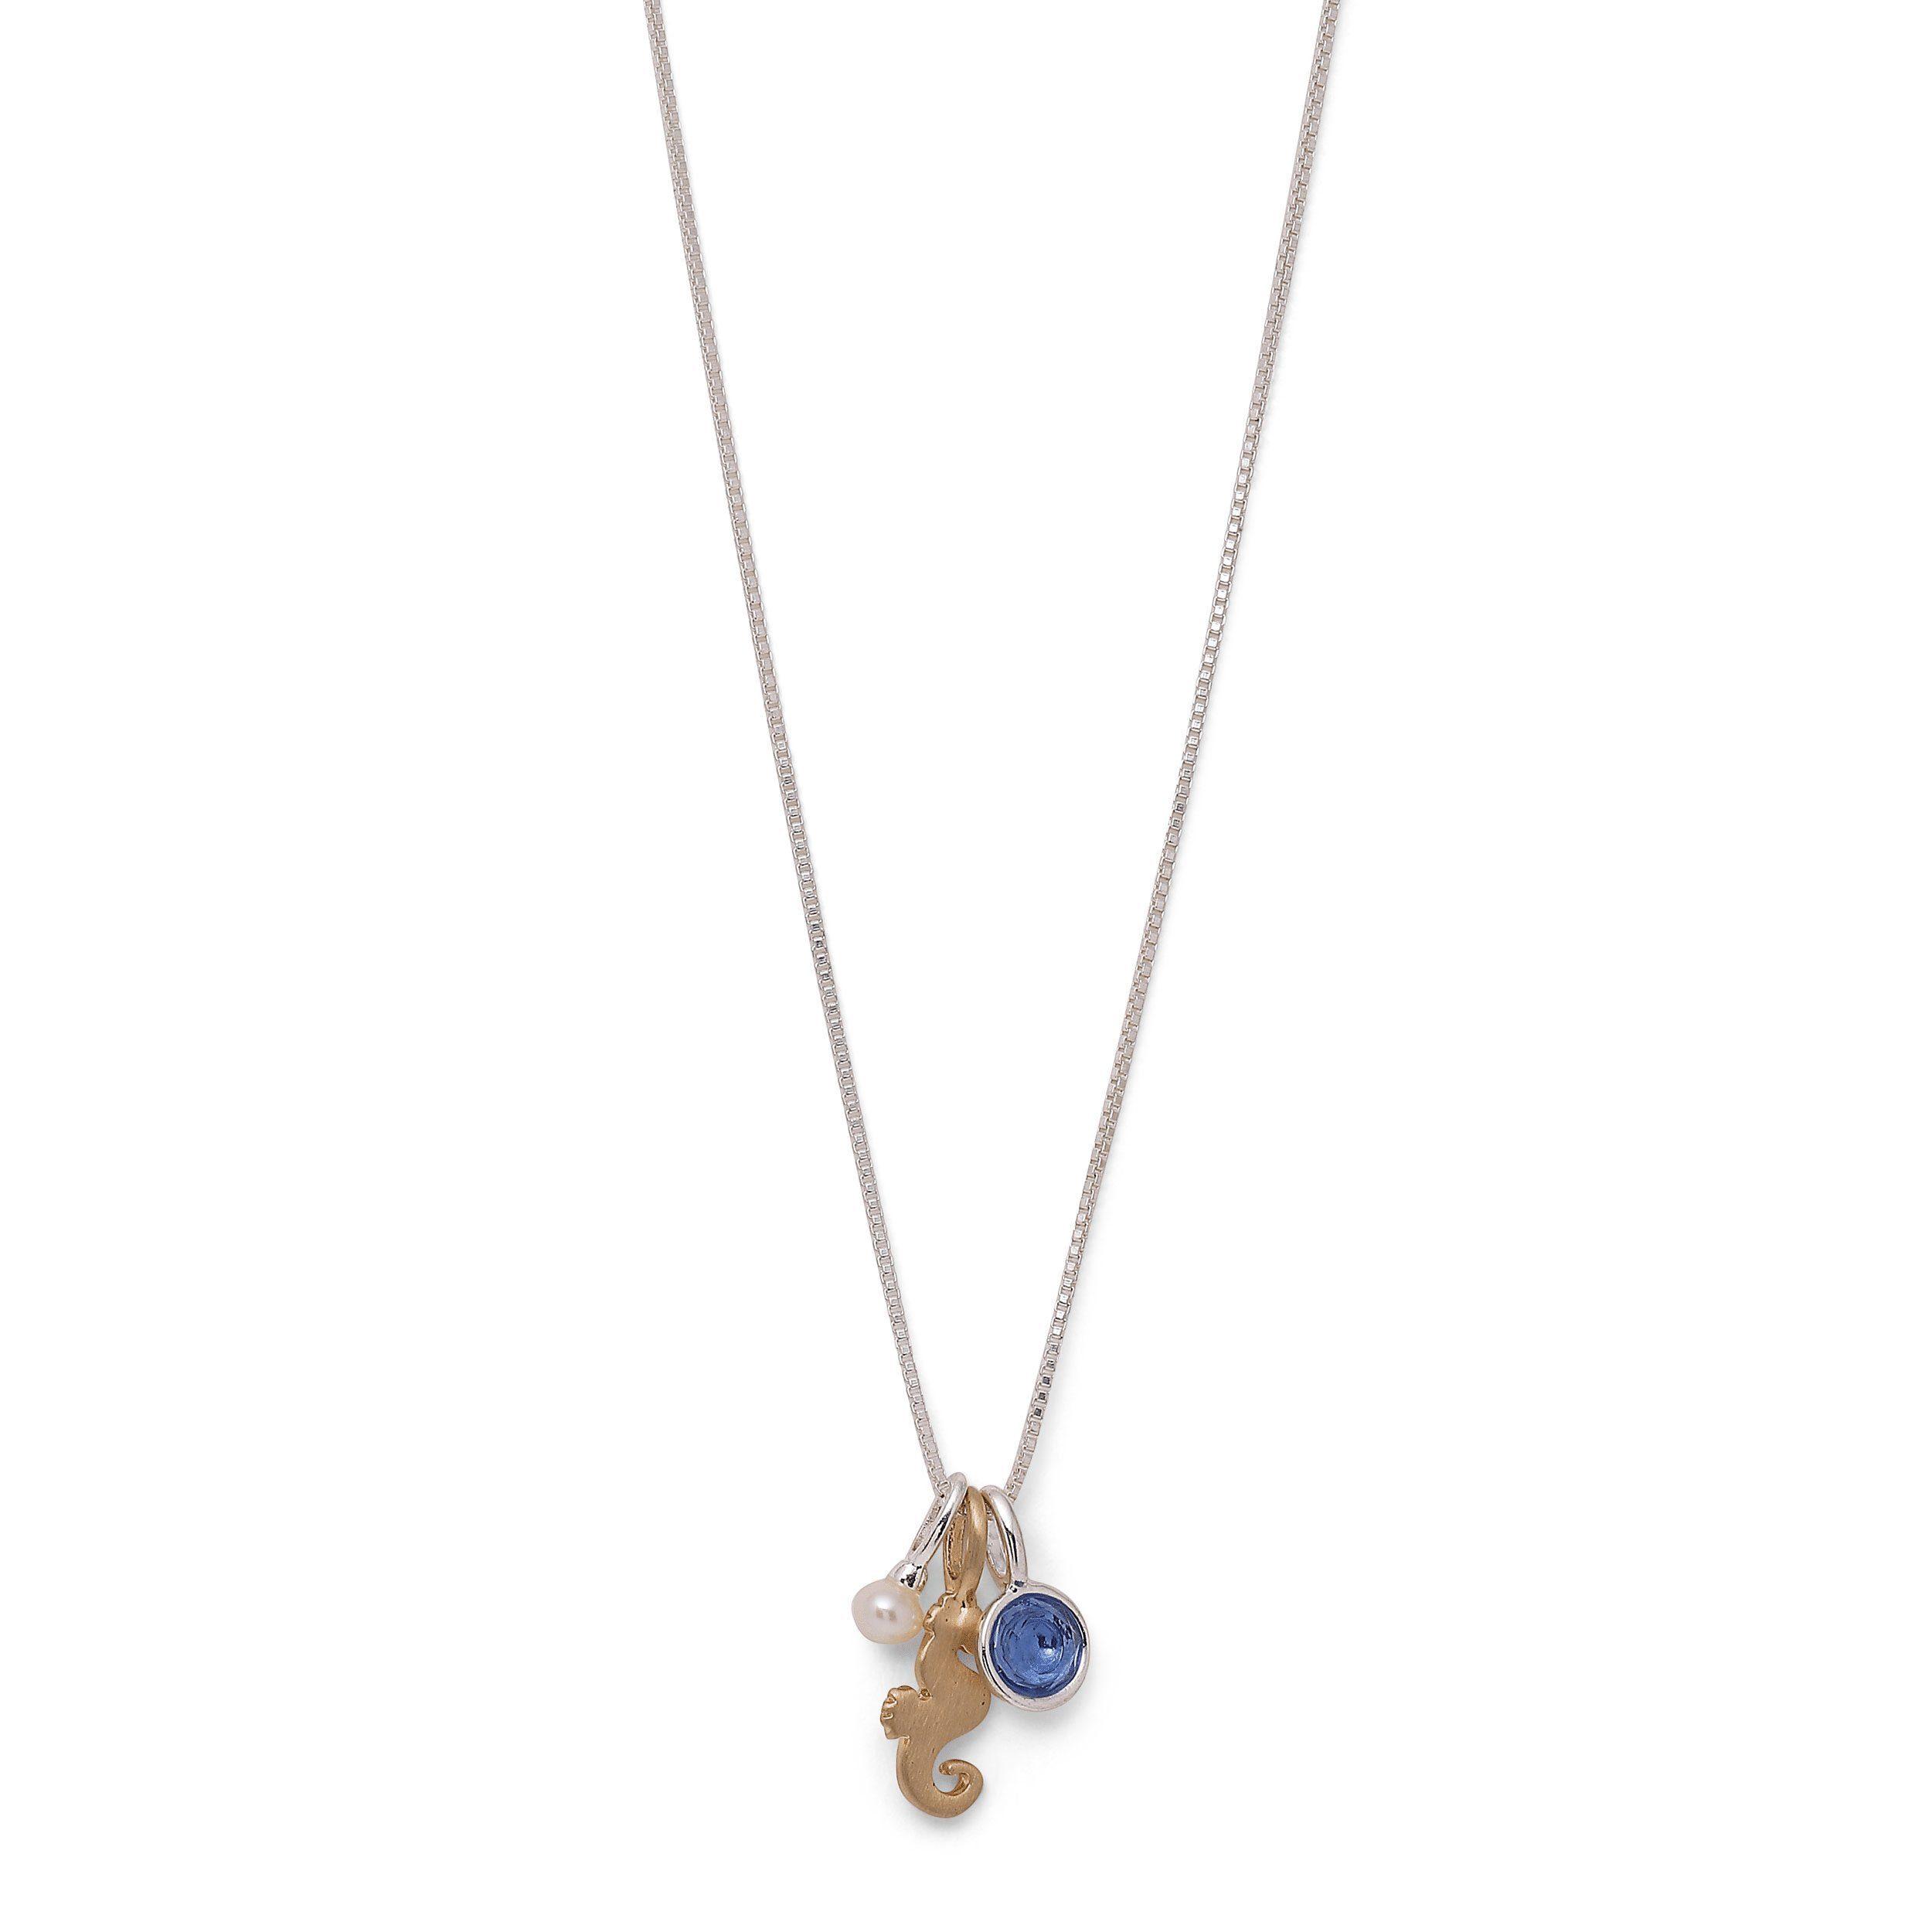 Pilgrim Kette mit Anhänger »Glücksbringer« mit Süßwasserperle, blauer Glasstein und goldenes Seepferdchen